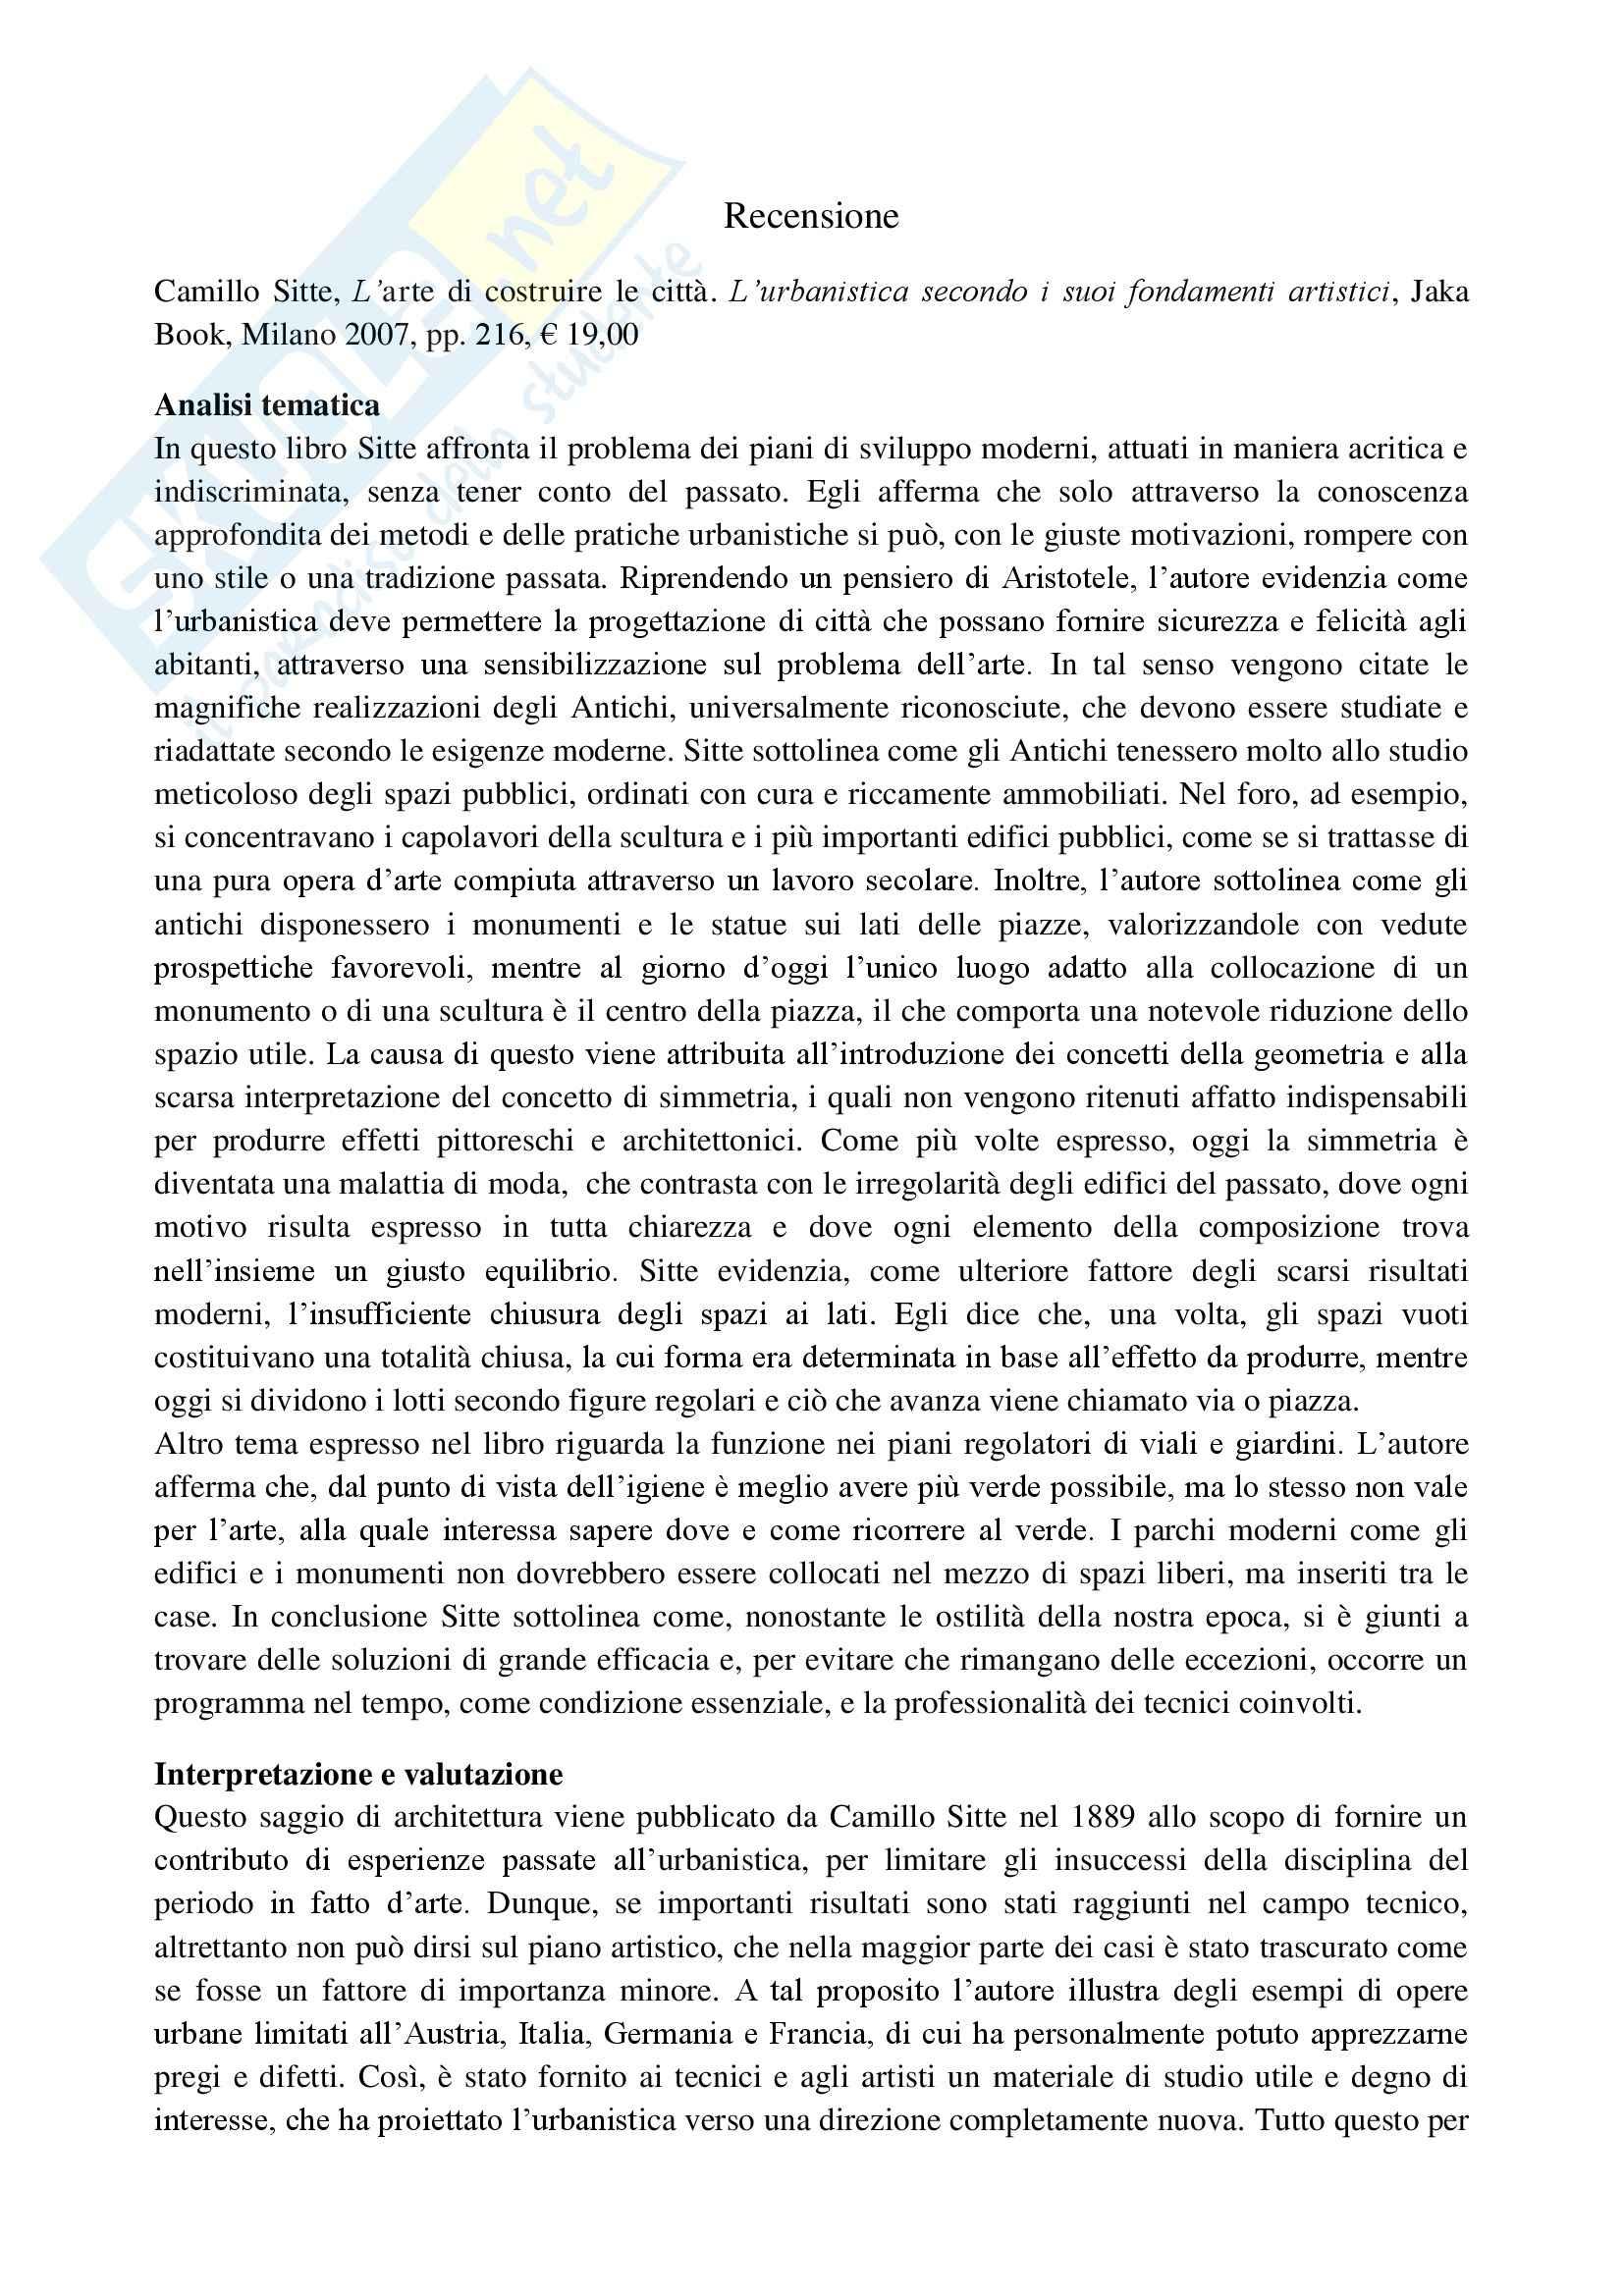 Urbanistica - Camillo Sitte e L'arte di costruire la citta